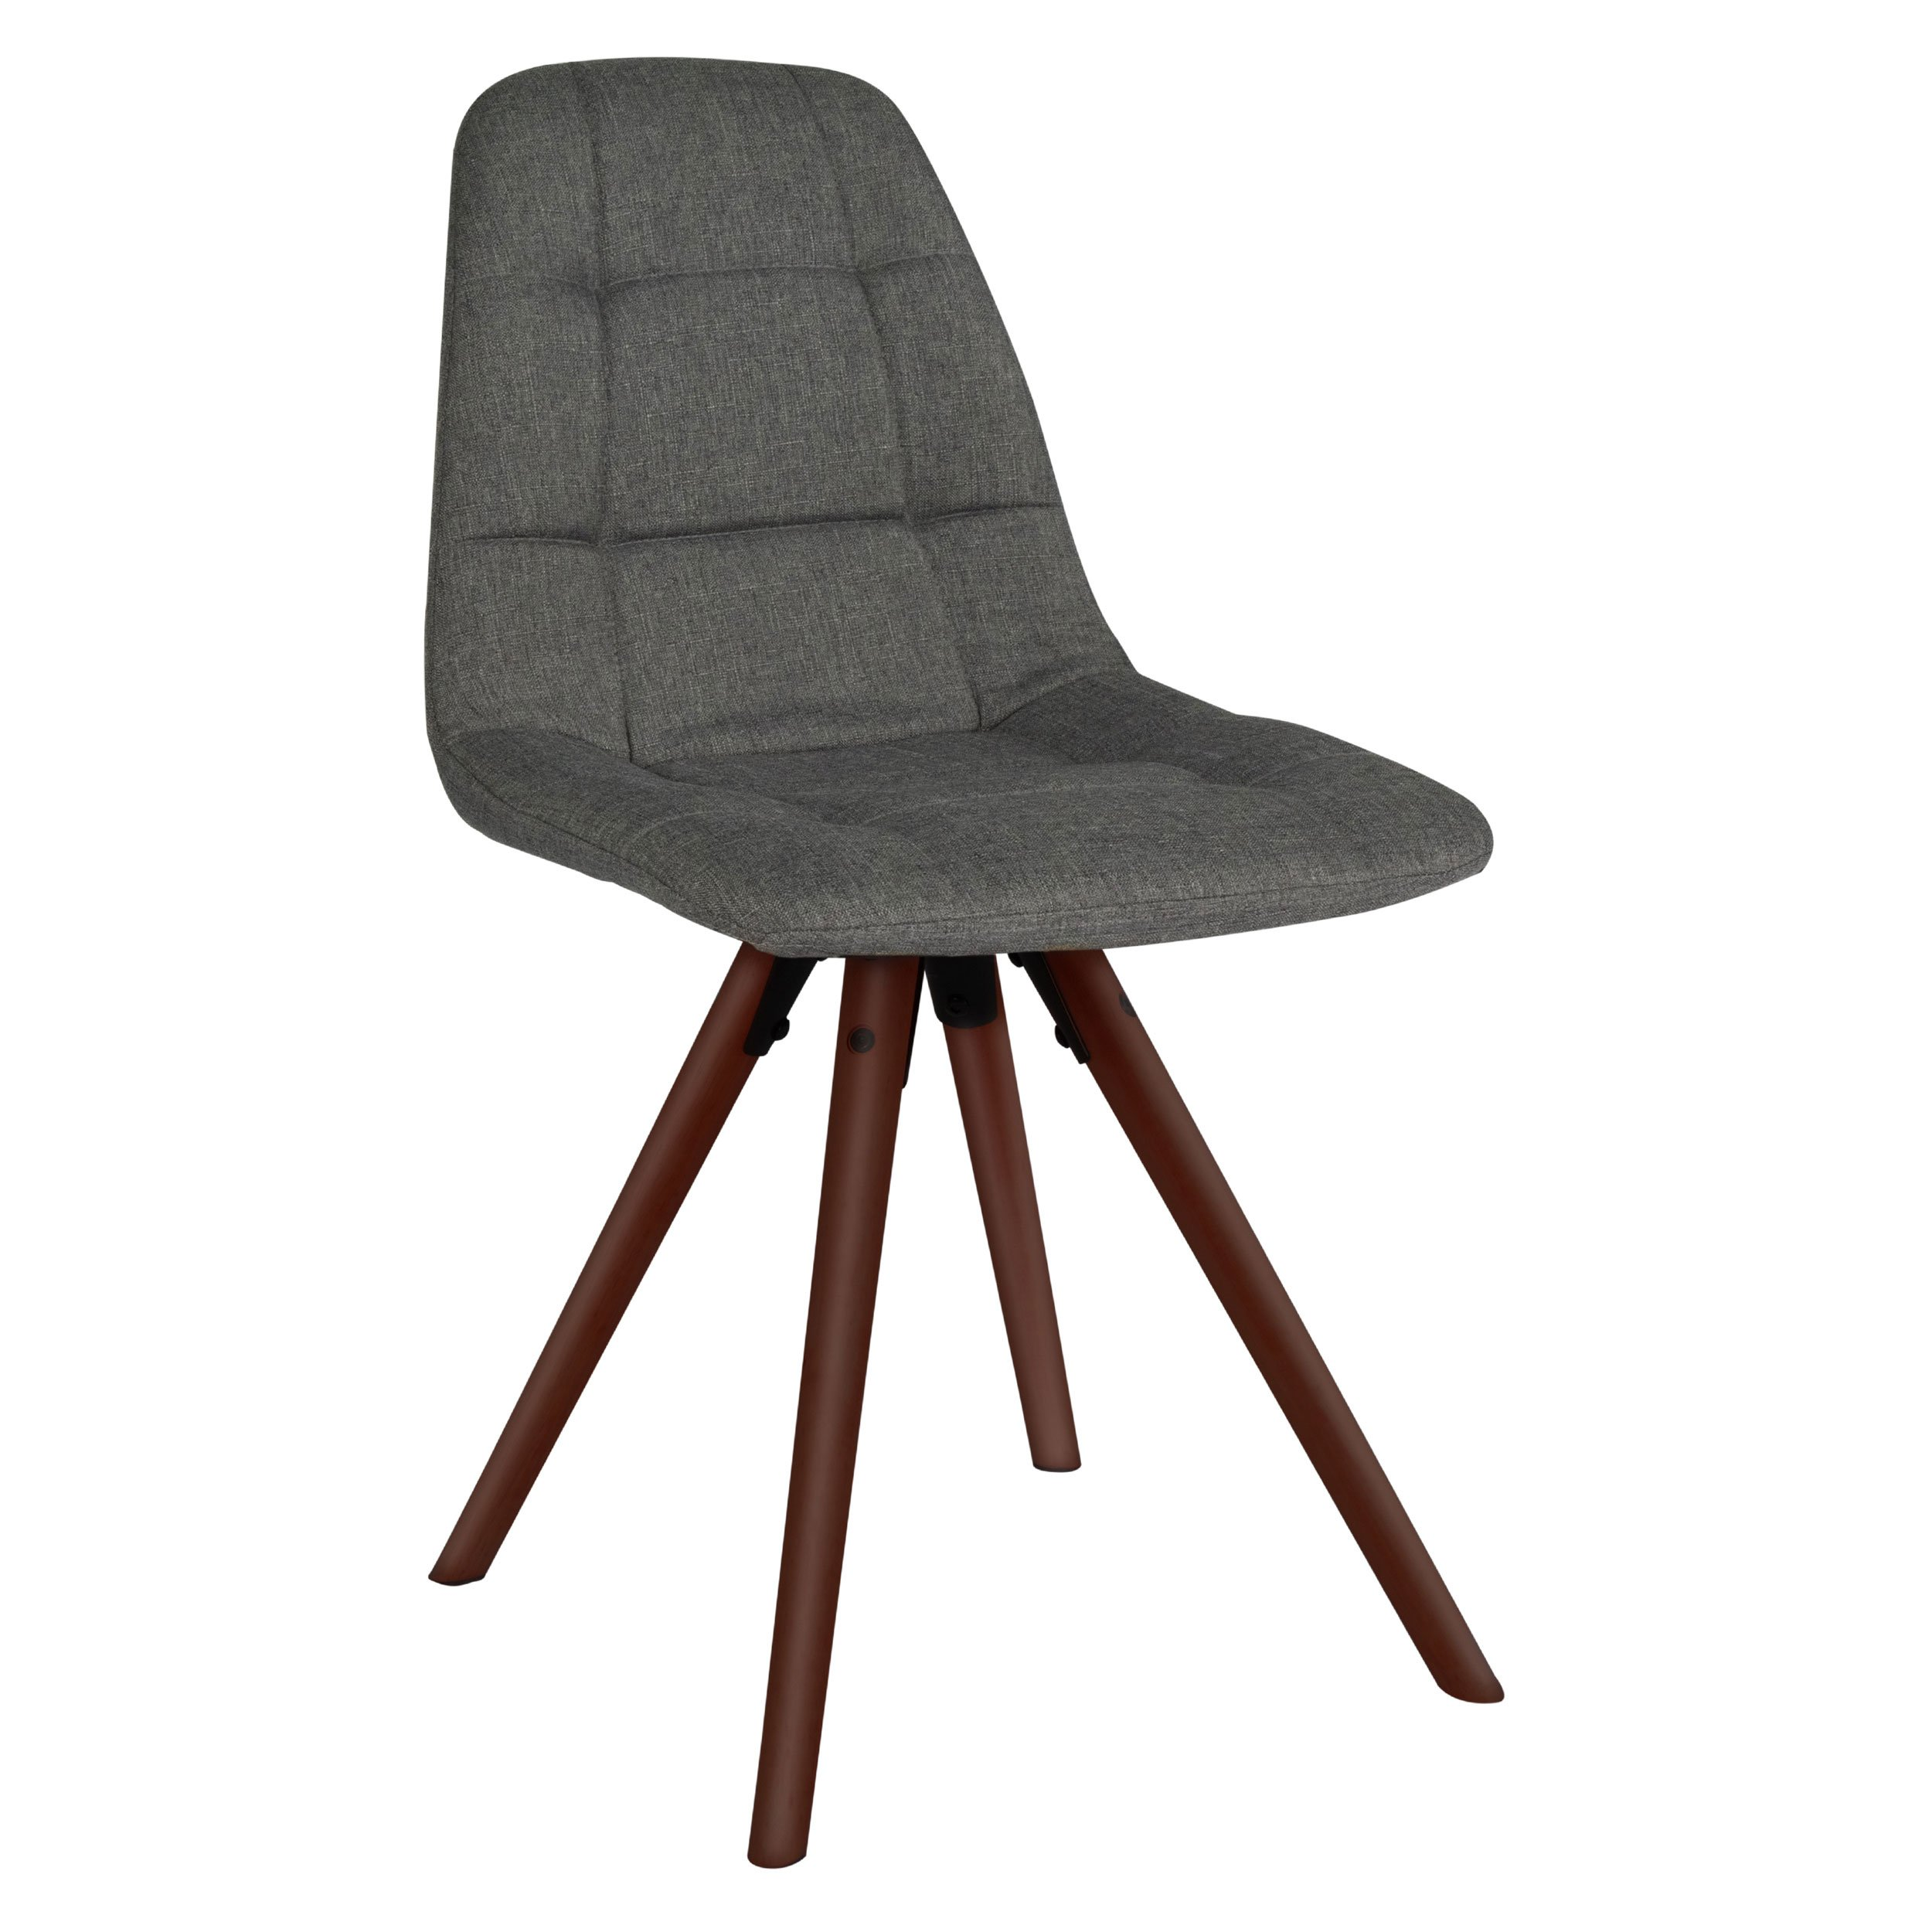 Innovex AC541FMG Sydney Fabric Chair, Medium Grey